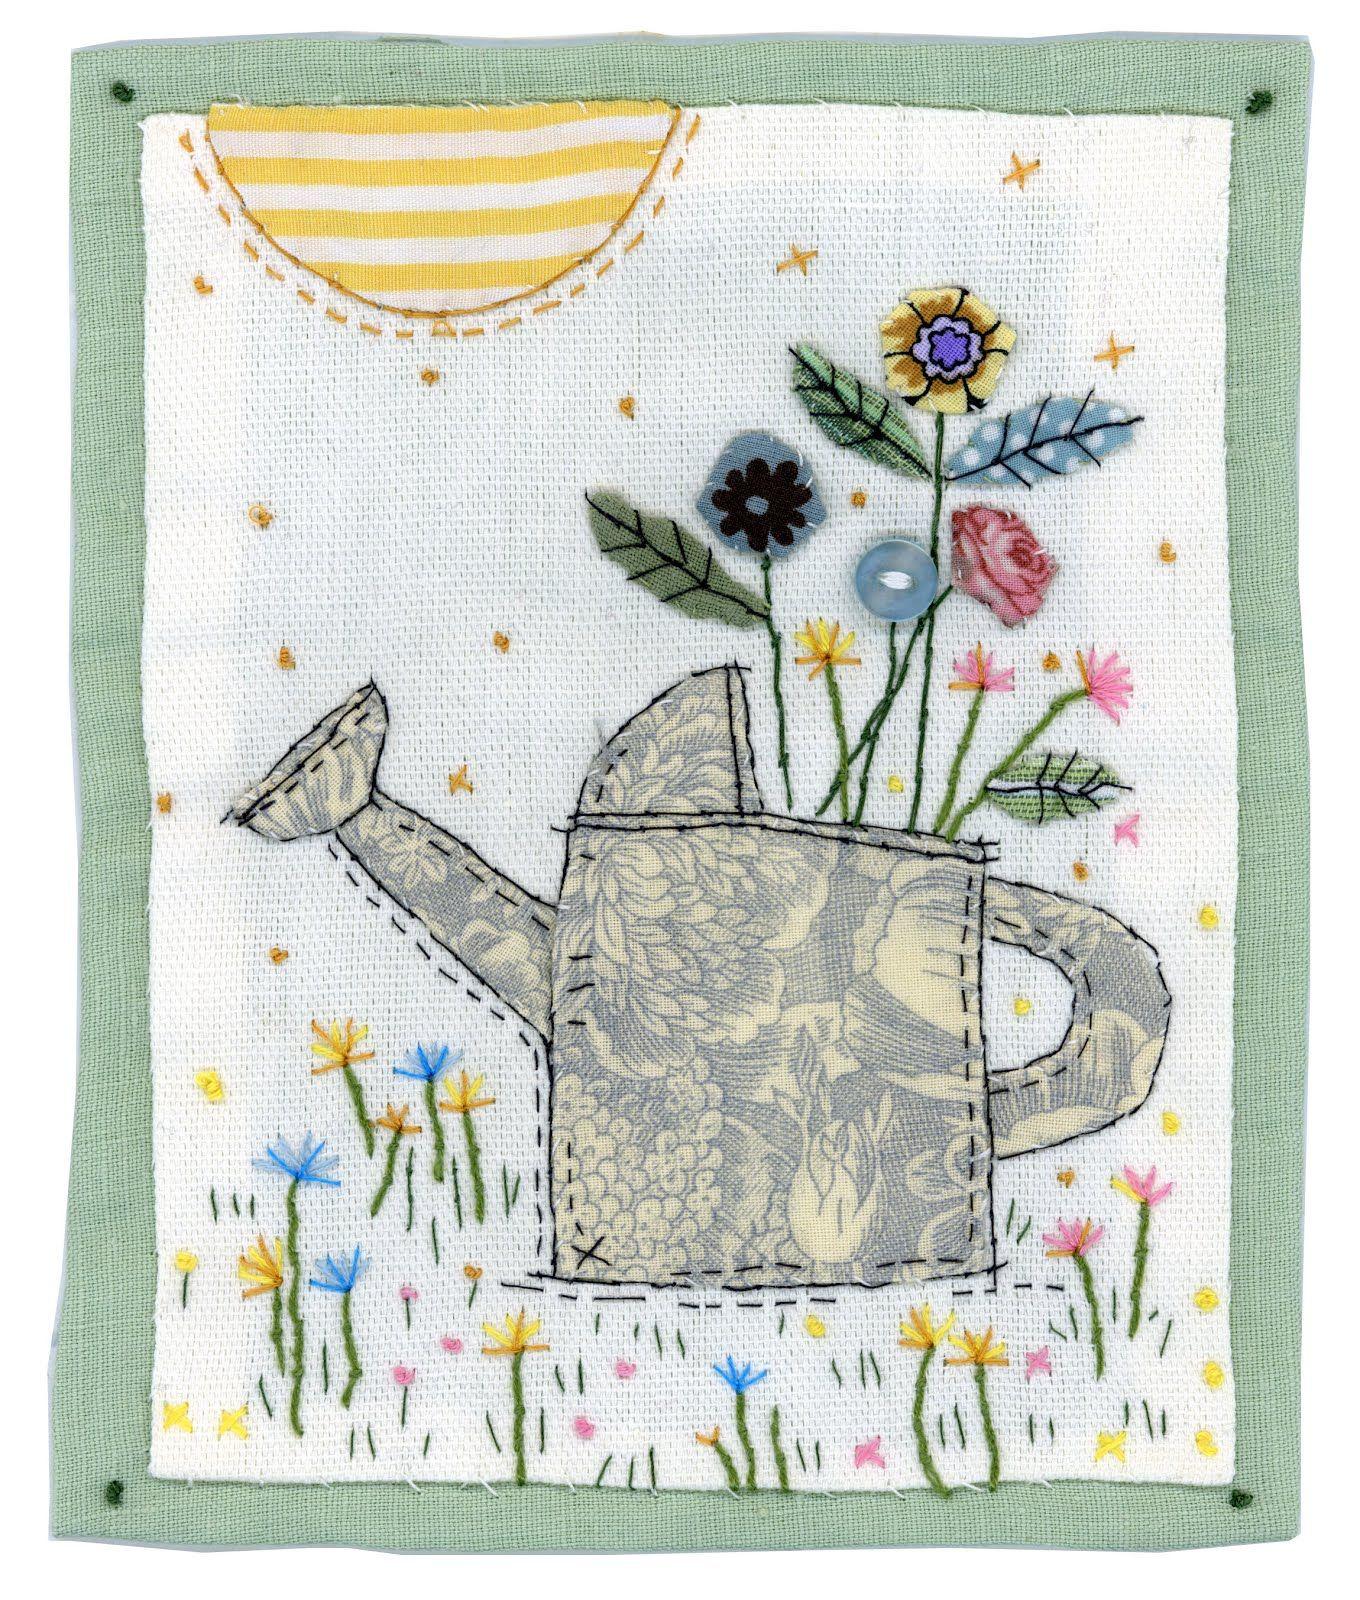 Beach Hut Machine Embroidery Design: Sharon Blackman: Watering Can, Ballet Dancer & Beach Hut